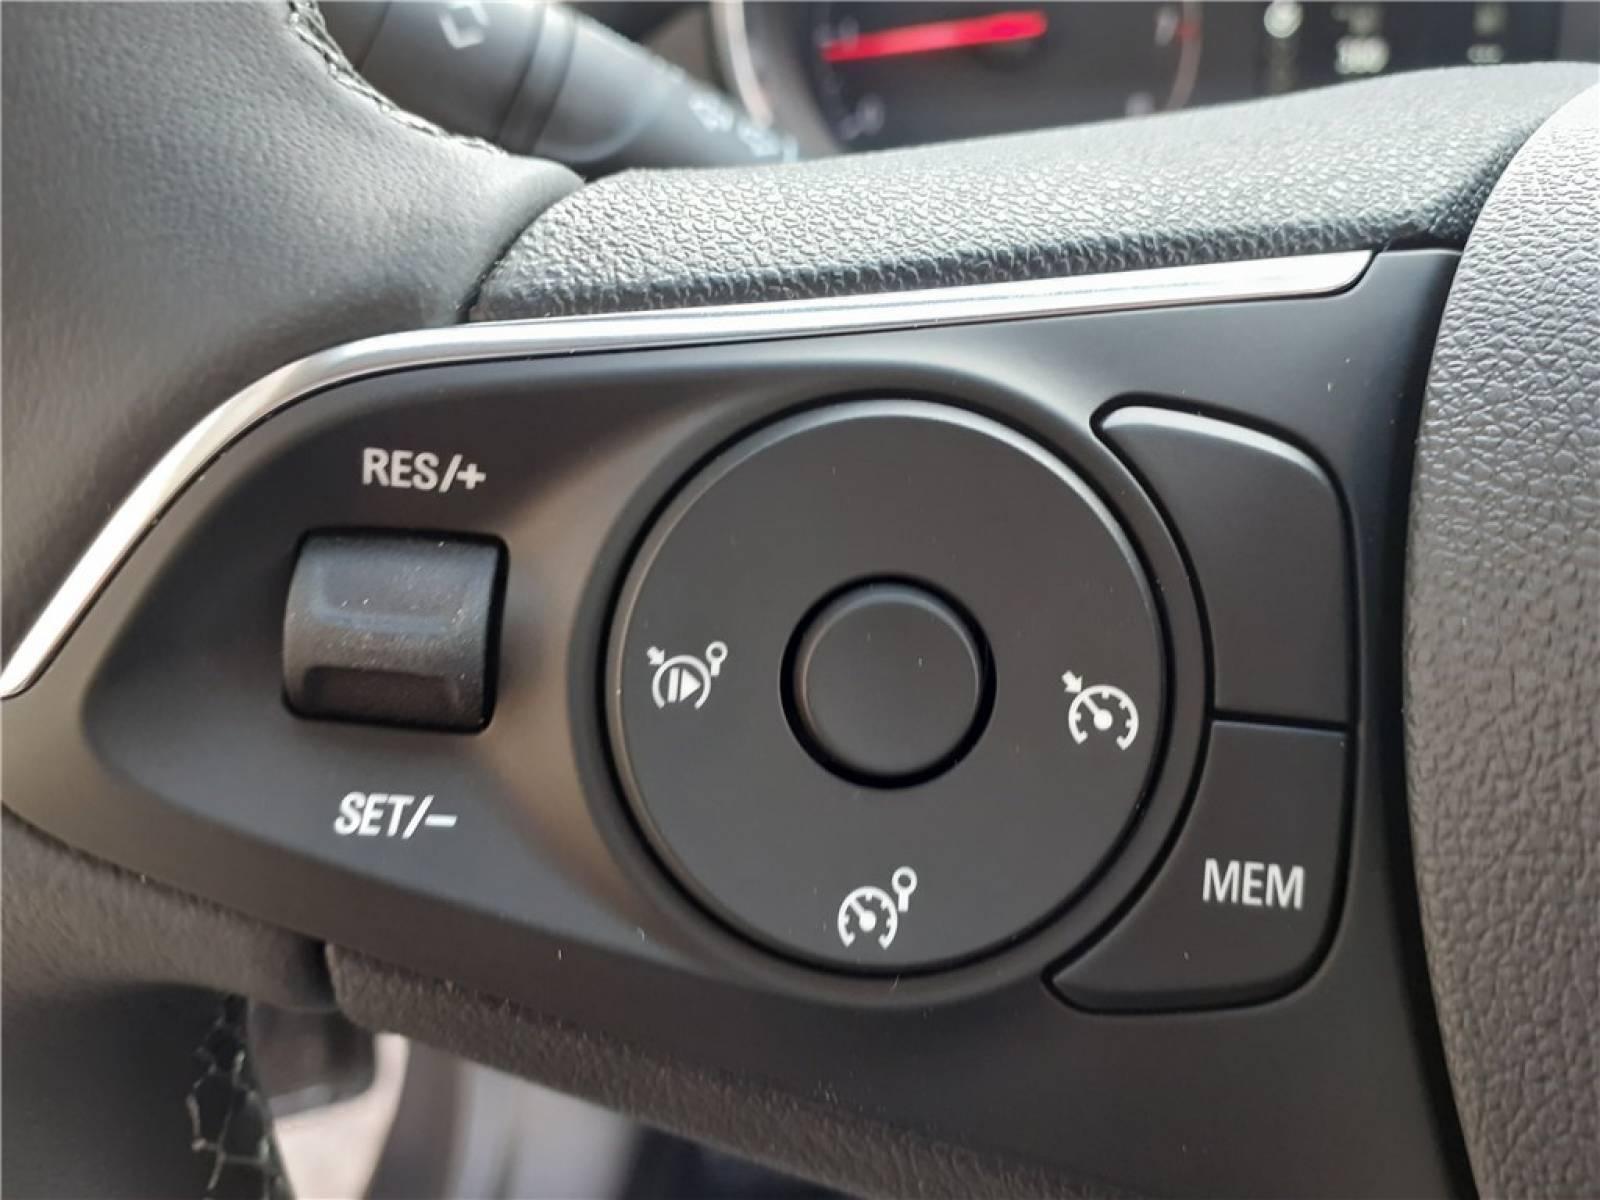 OPEL Crossland 1.5 D 110 ch BVM6 - véhicule d'occasion - Groupe Guillet - Opel Magicauto - Montceau-les-Mines - 71300 - Montceau-les-Mines - 26